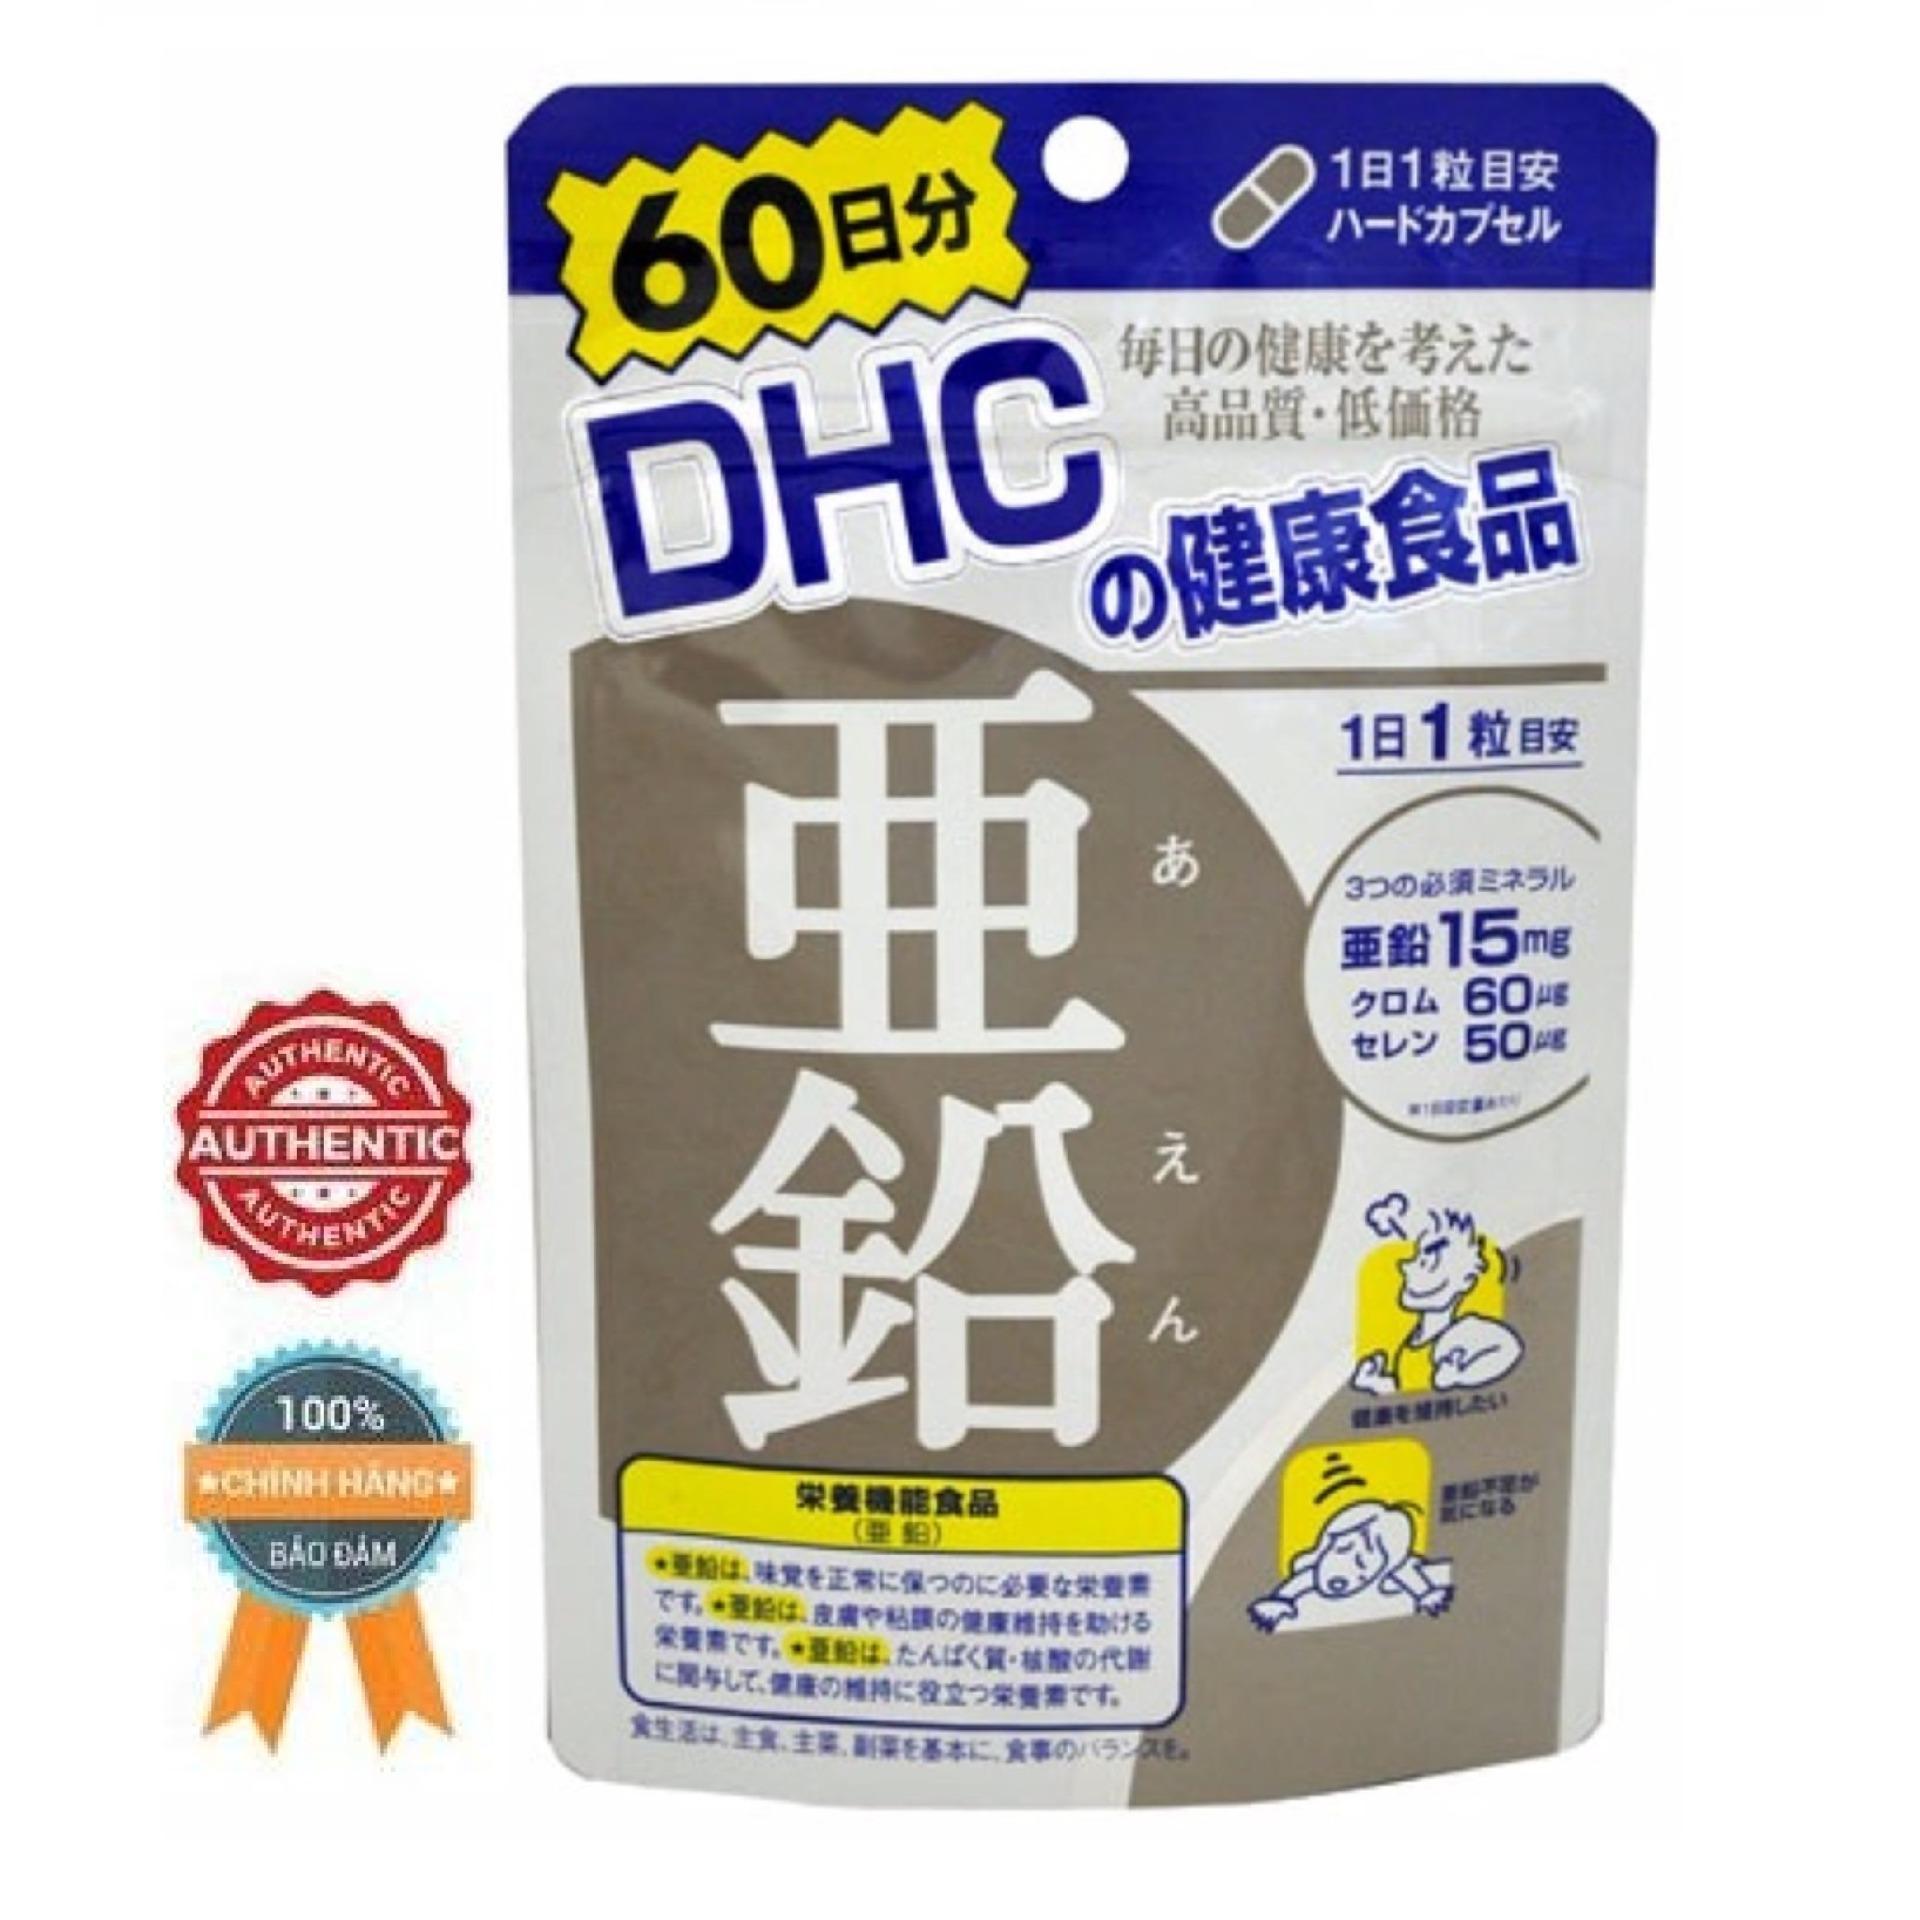 DHC Viên Uống Kẽm Zinc Zn 60 ngày (cải thiện mụn hiệu quả) Xuất xứ Nhật Bản